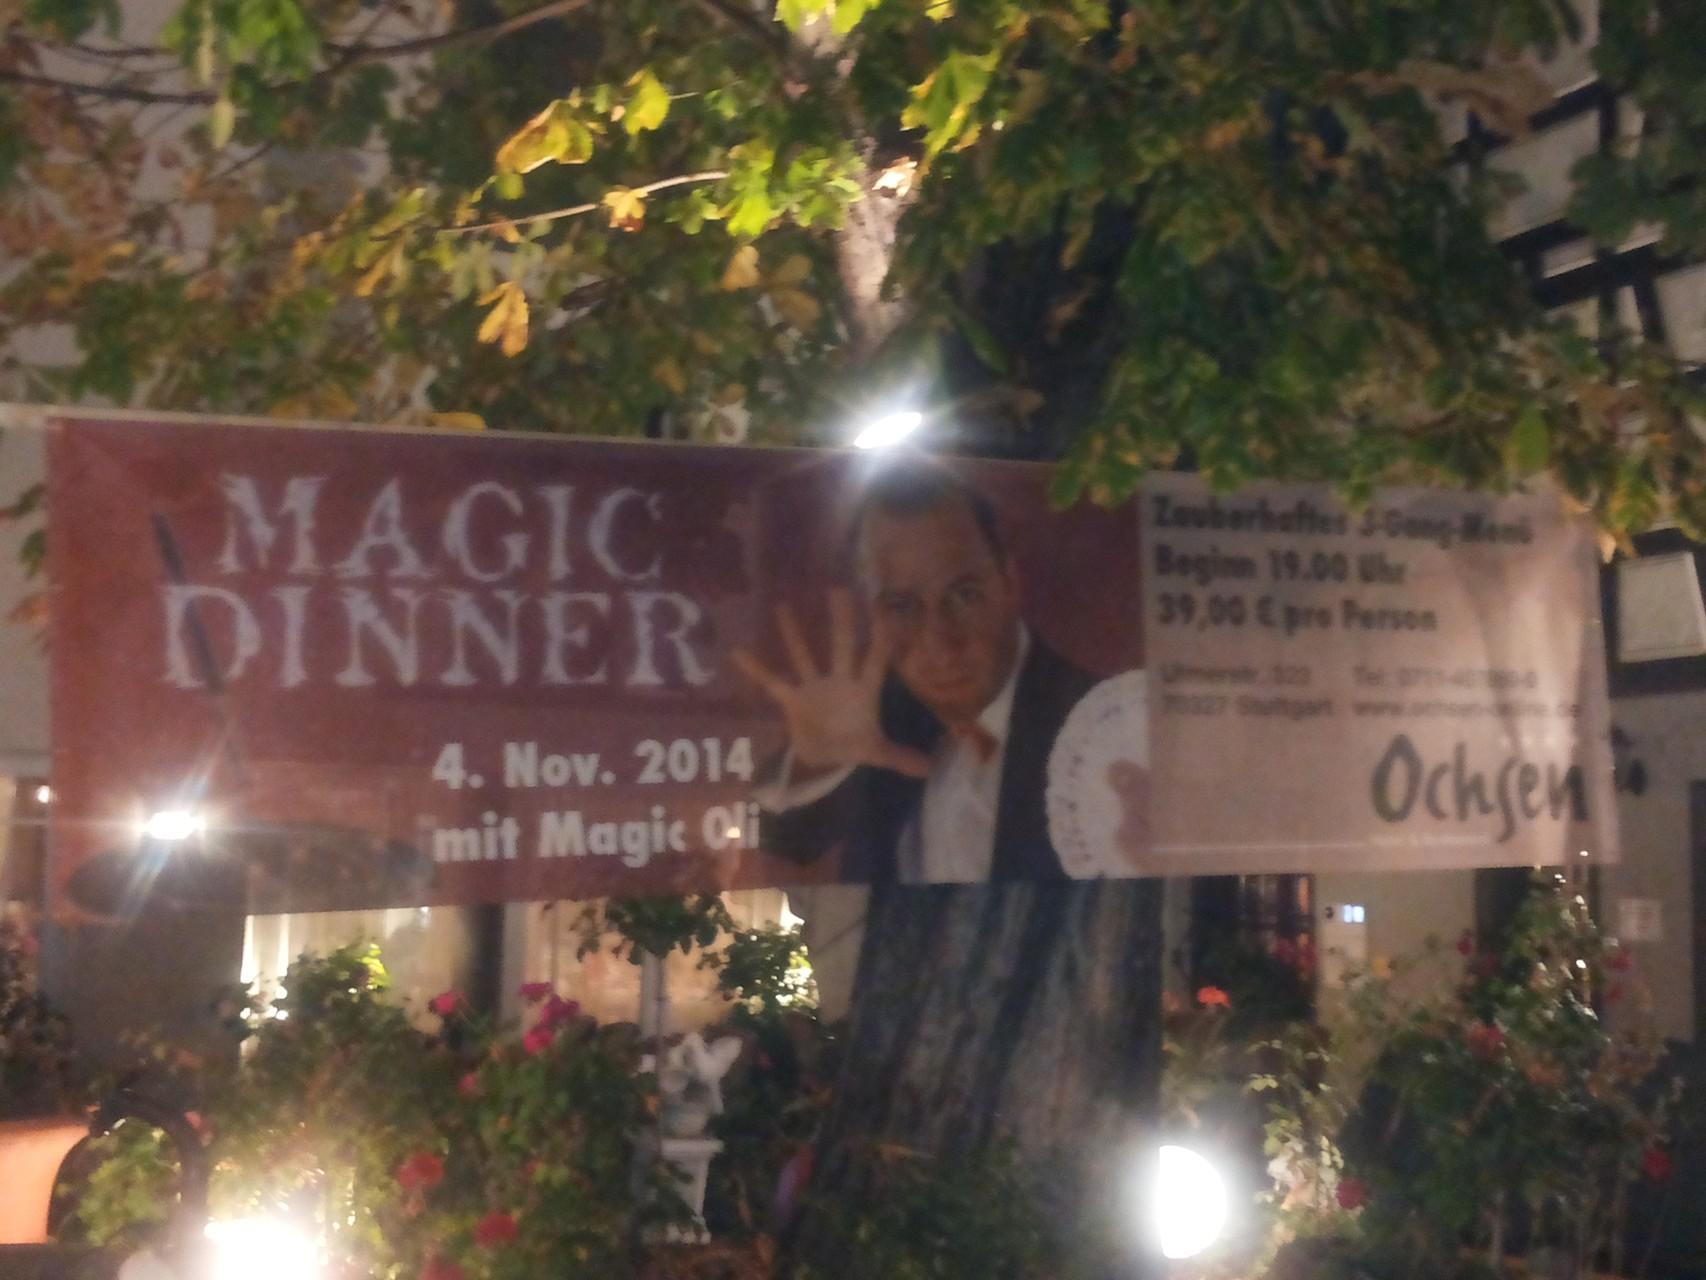 Magic Dinner Show live erleben in Ihrer Wunschlocation in Heilbronn, Karlsruhe, Pforzheim,   Heidelberg, Baden Baden,